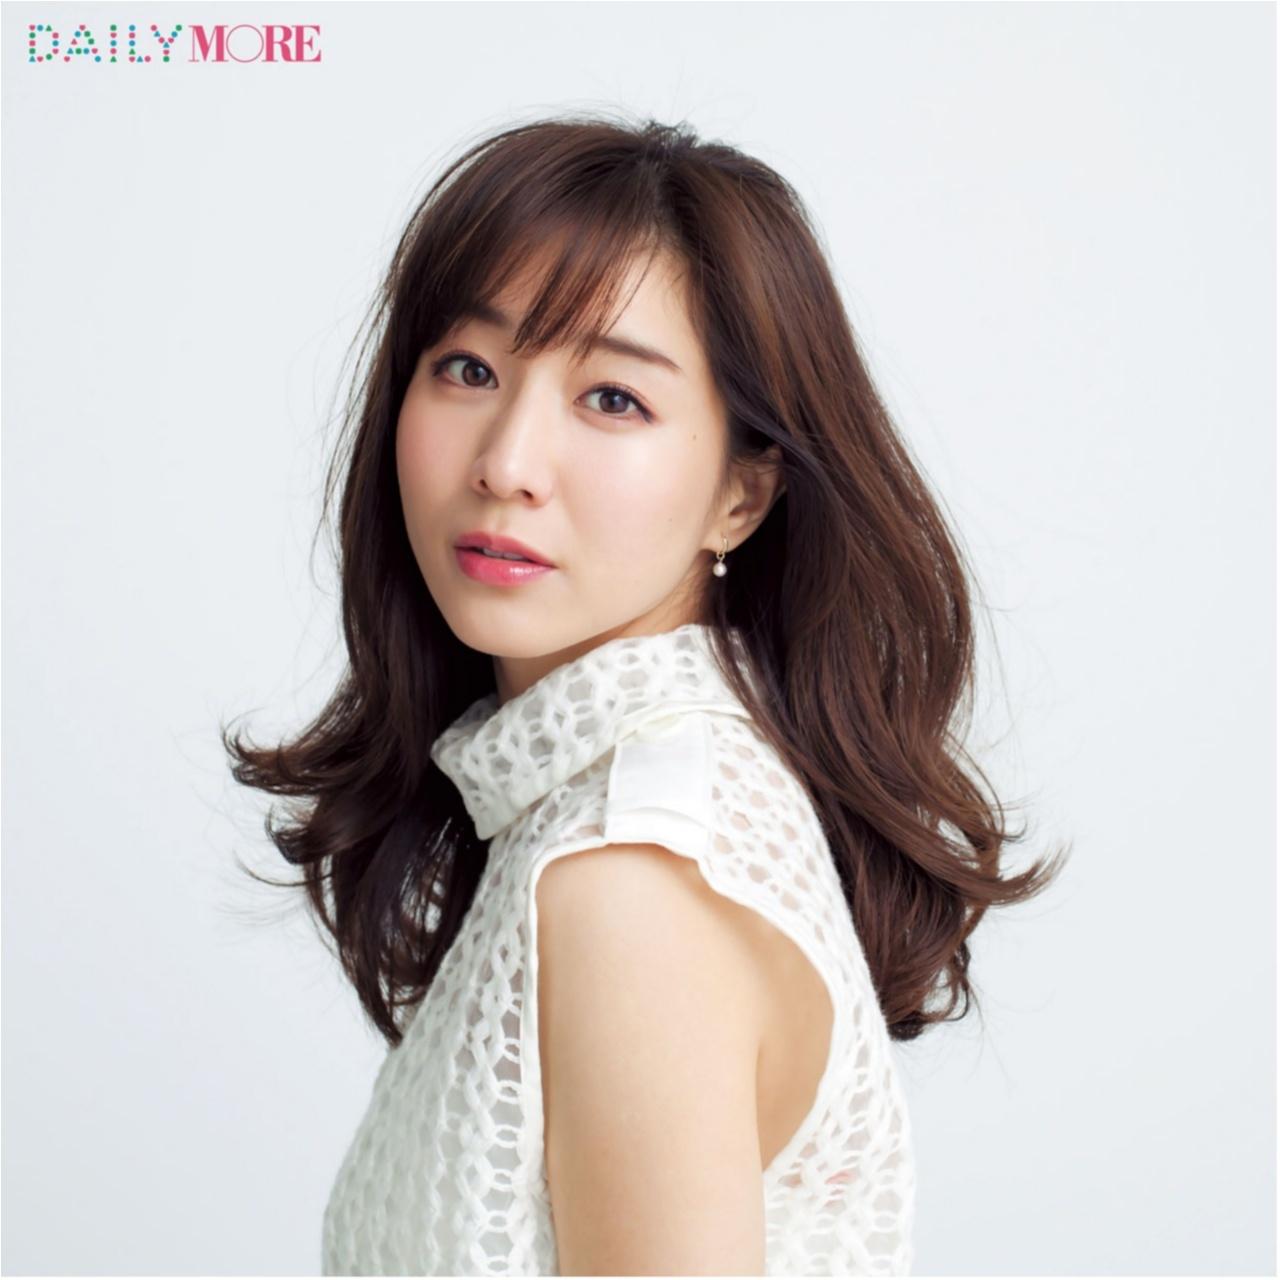 有村架純さんの美の秘密は『SK-Ⅱ』のあのアイテムだった!? 今週のビューティ人気ランキングトップ3☆_2